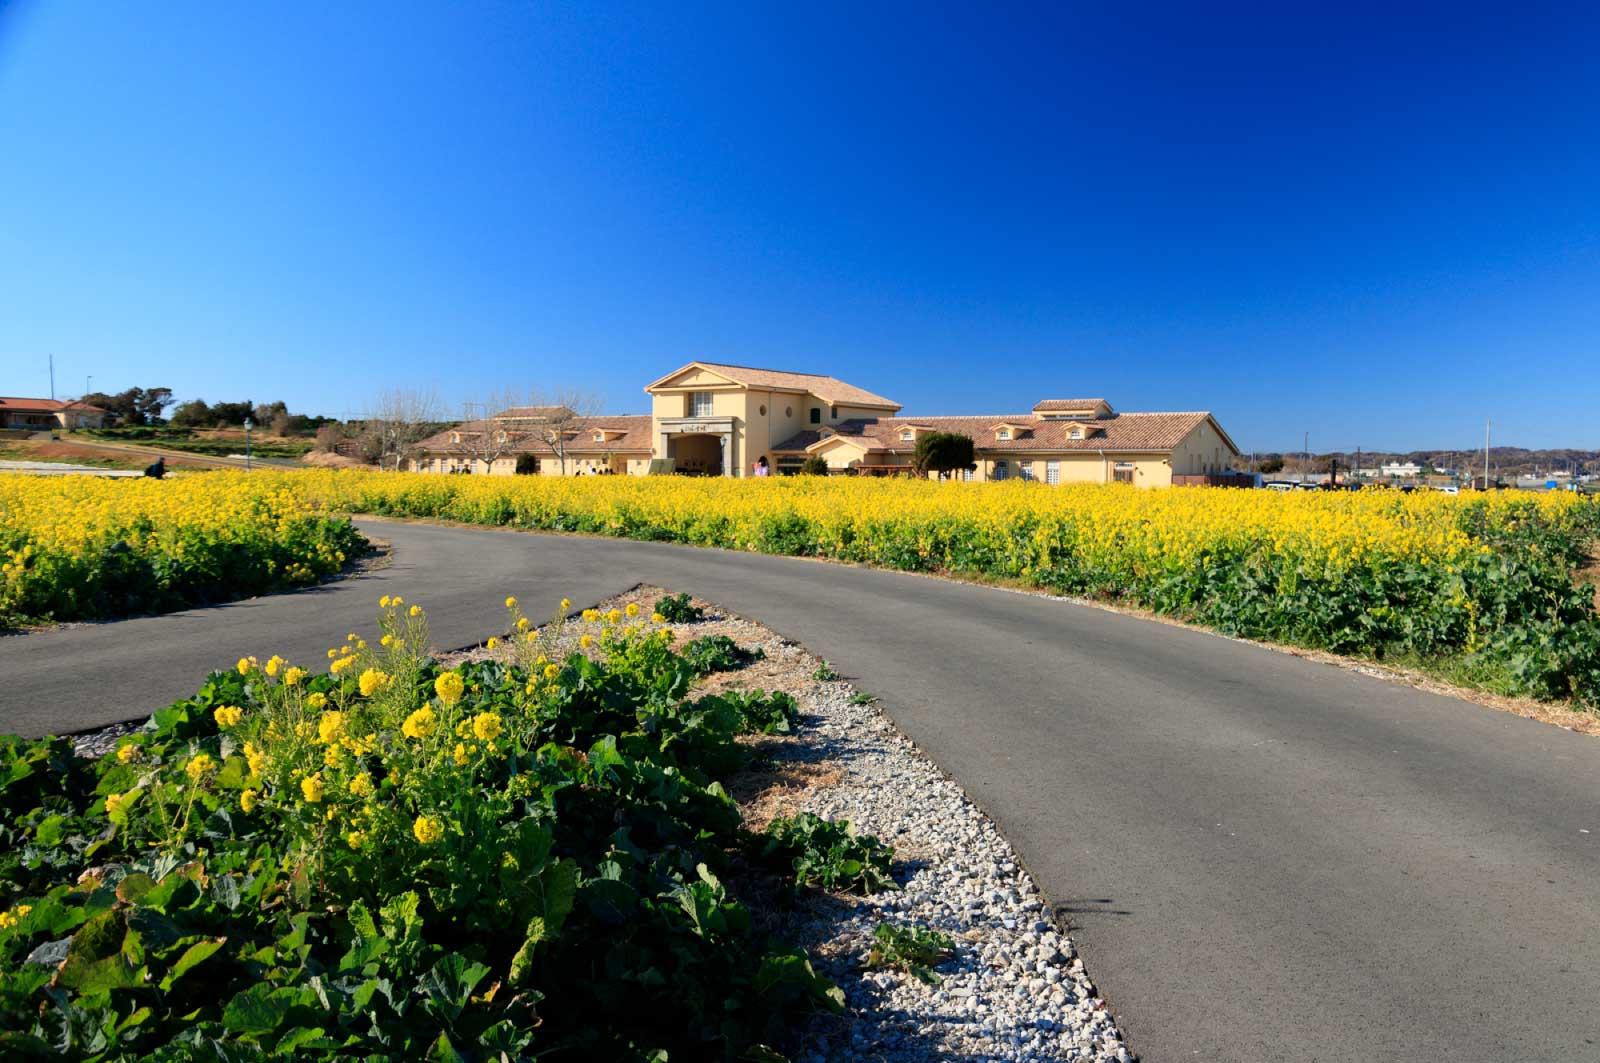 ソレイユの丘は、三浦半島の西海岸沿いの小高い丘の上にある公園施設